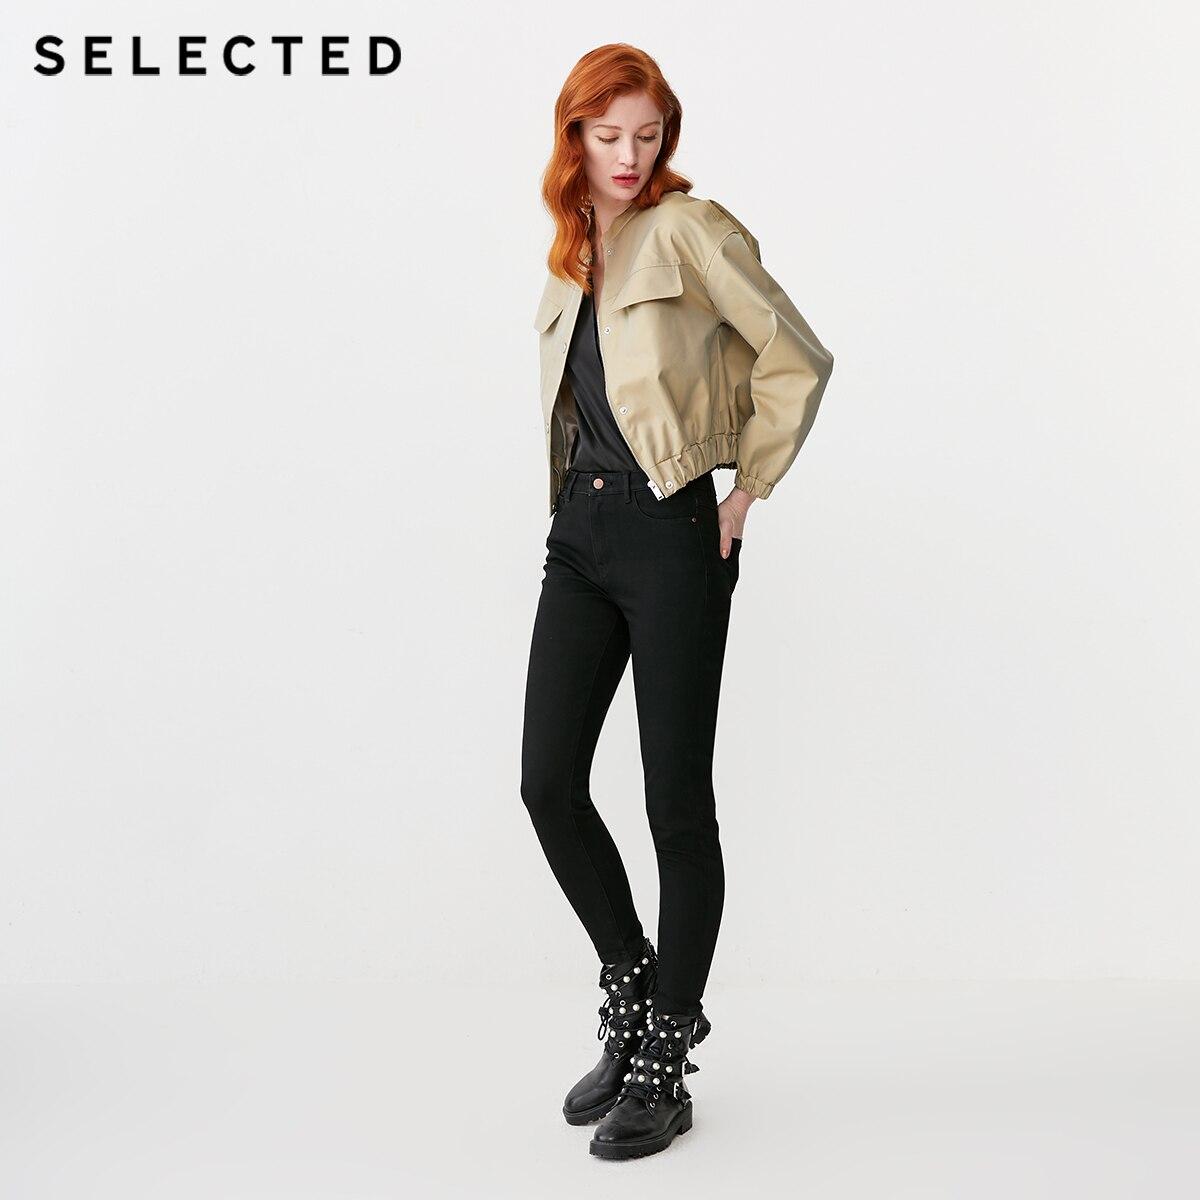 เลือกผ้าฝ้าย rich Stand up Collar เสื้อแขนยาว S  419121511-ใน โค้ทยาว จาก เสื้อผ้าสตรี บน   2